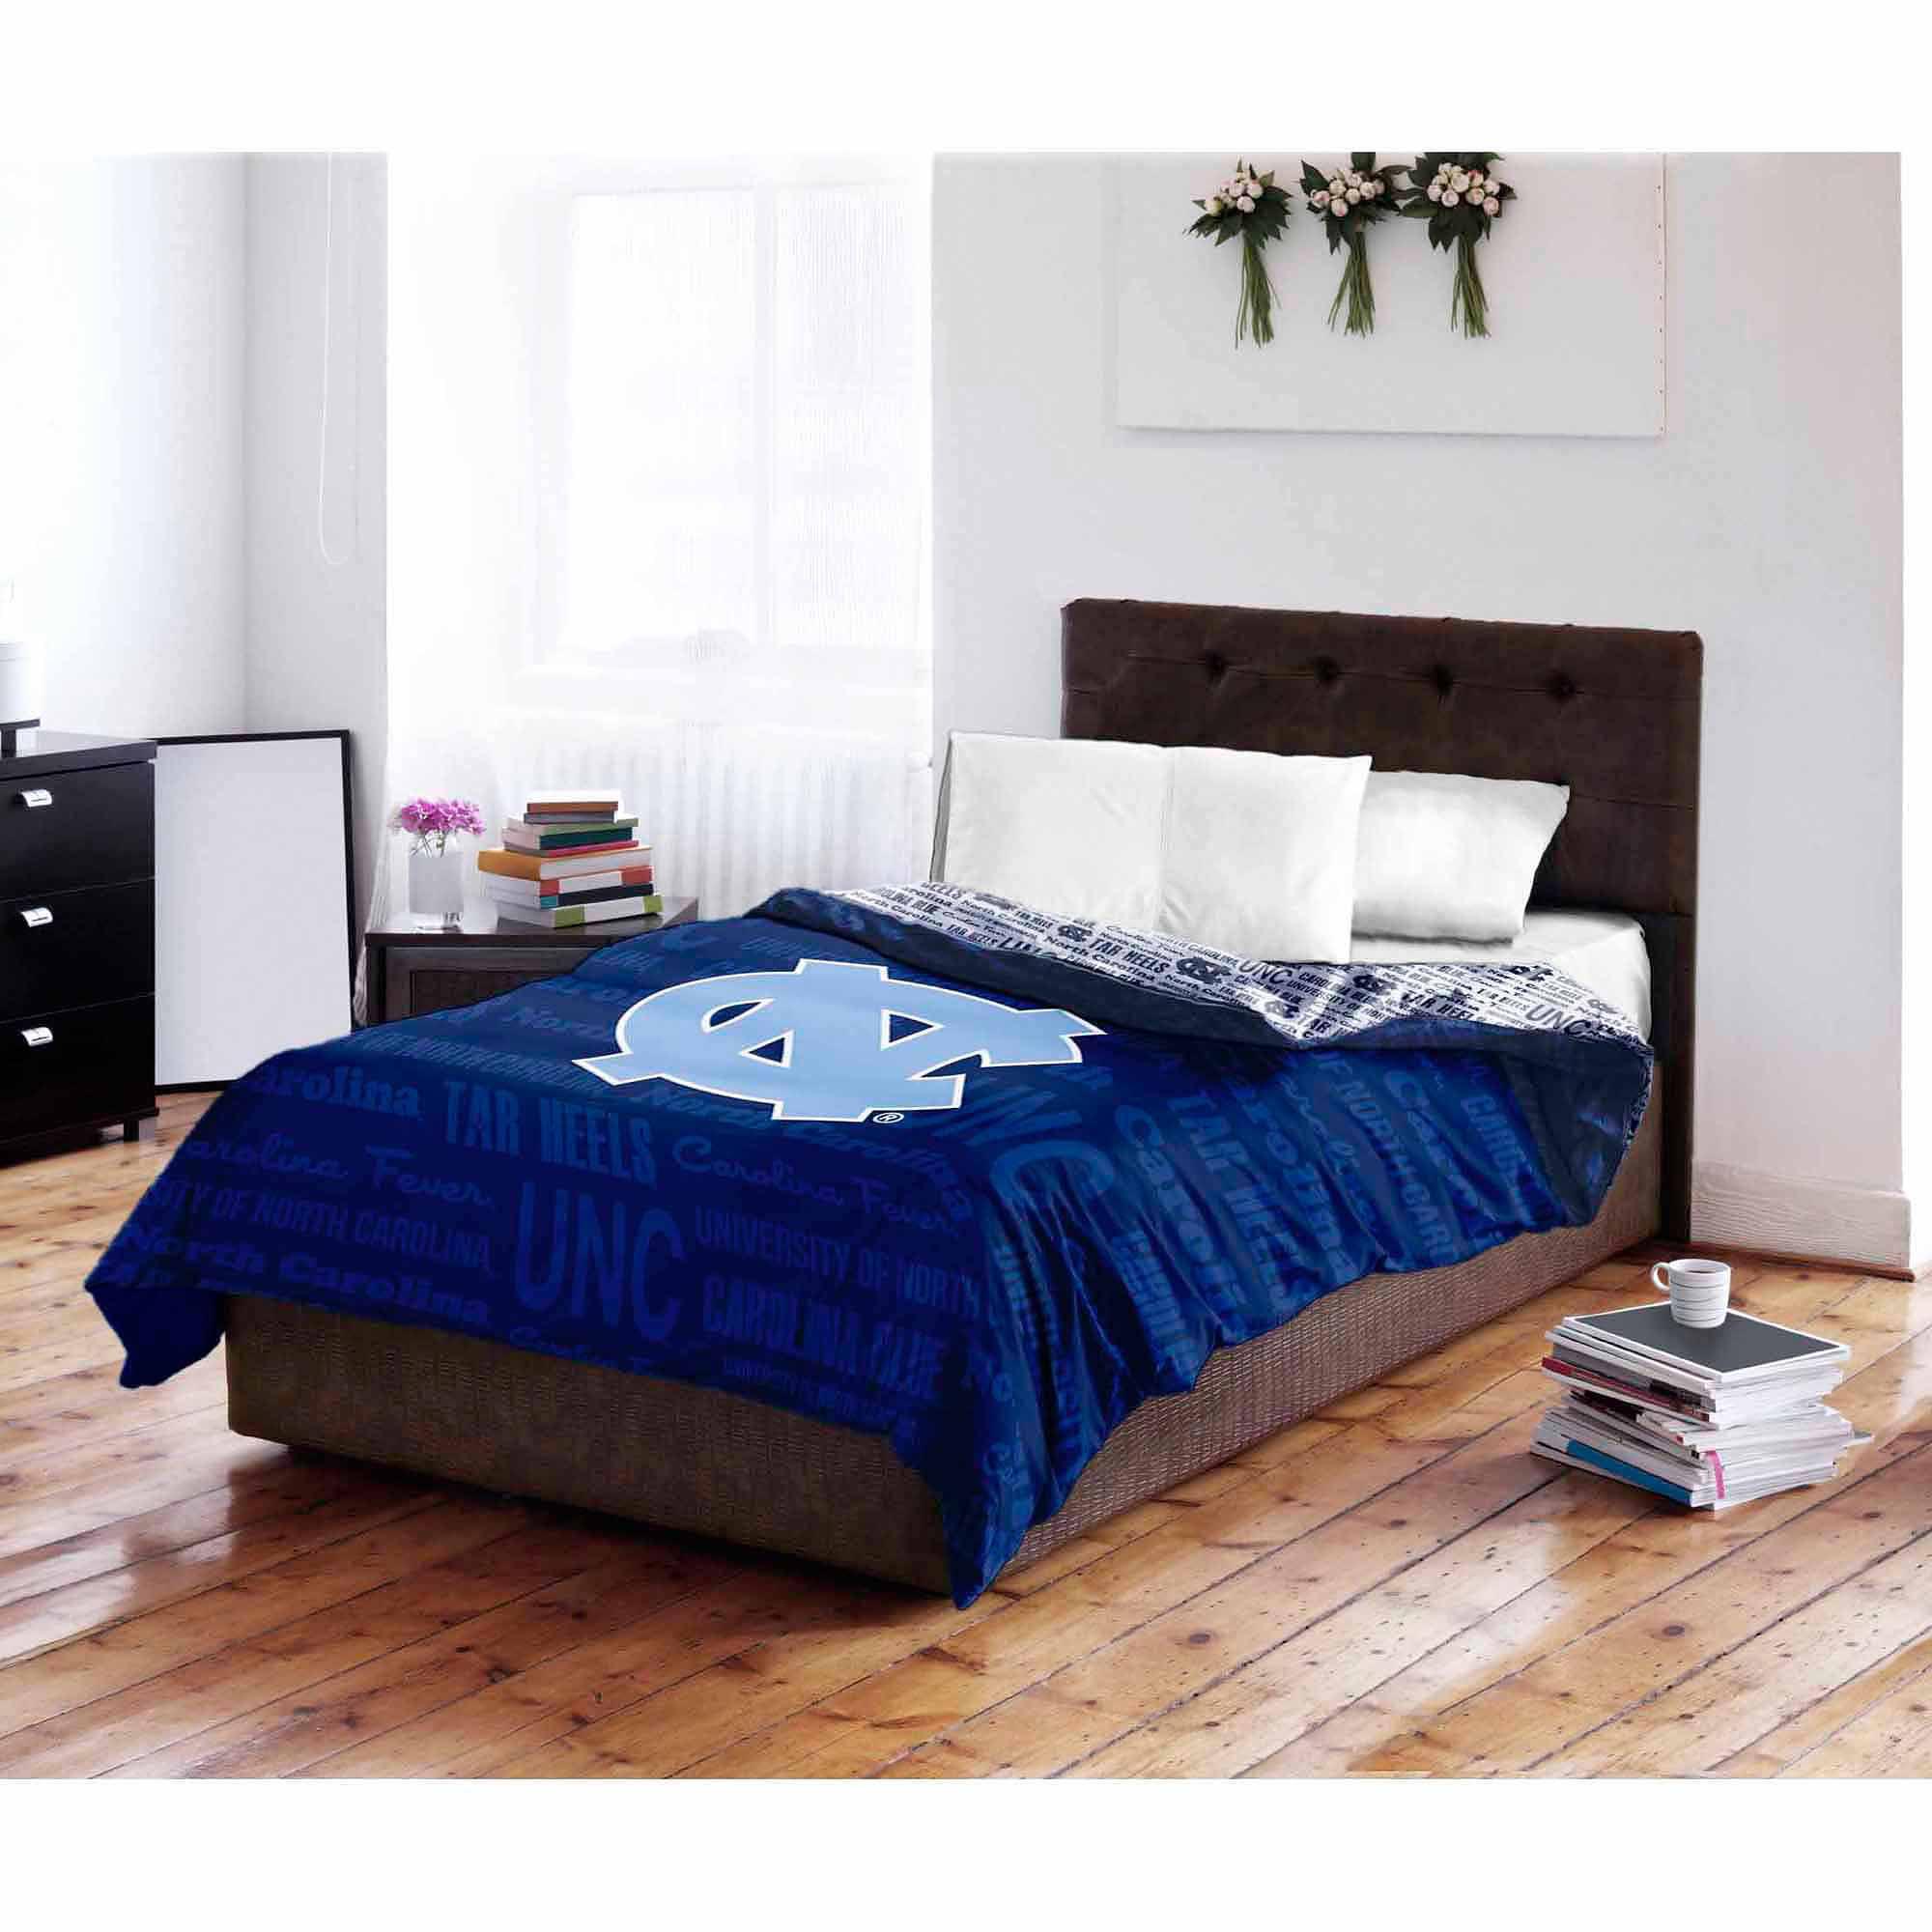 NCAA North Carolina Tar Heels Twin/Full Bedding Comforter